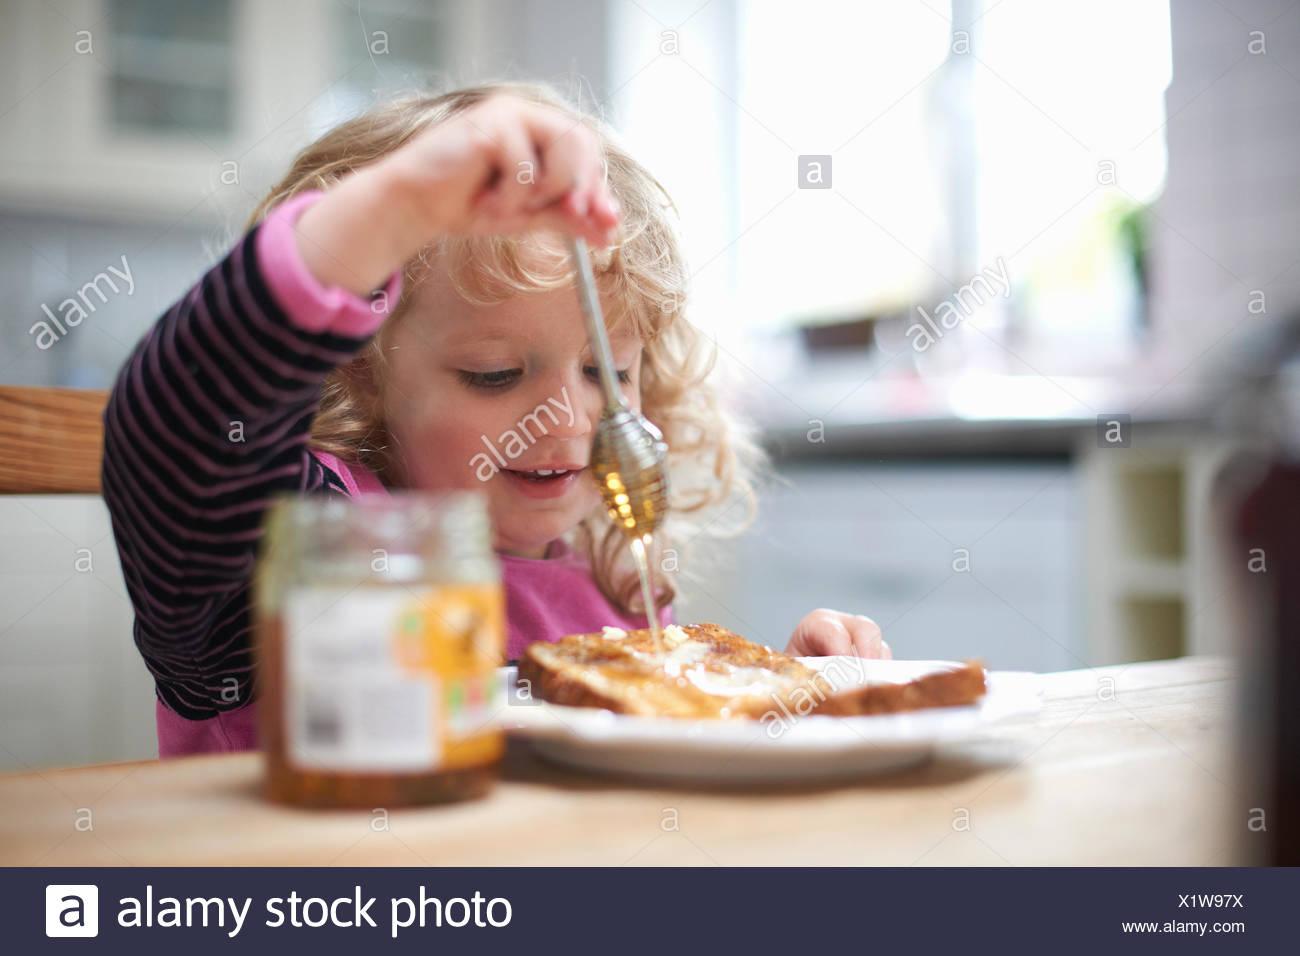 Giovane ragazza seduta al tavolo della cucina, drizzling miele su pane tostato Immagini Stock